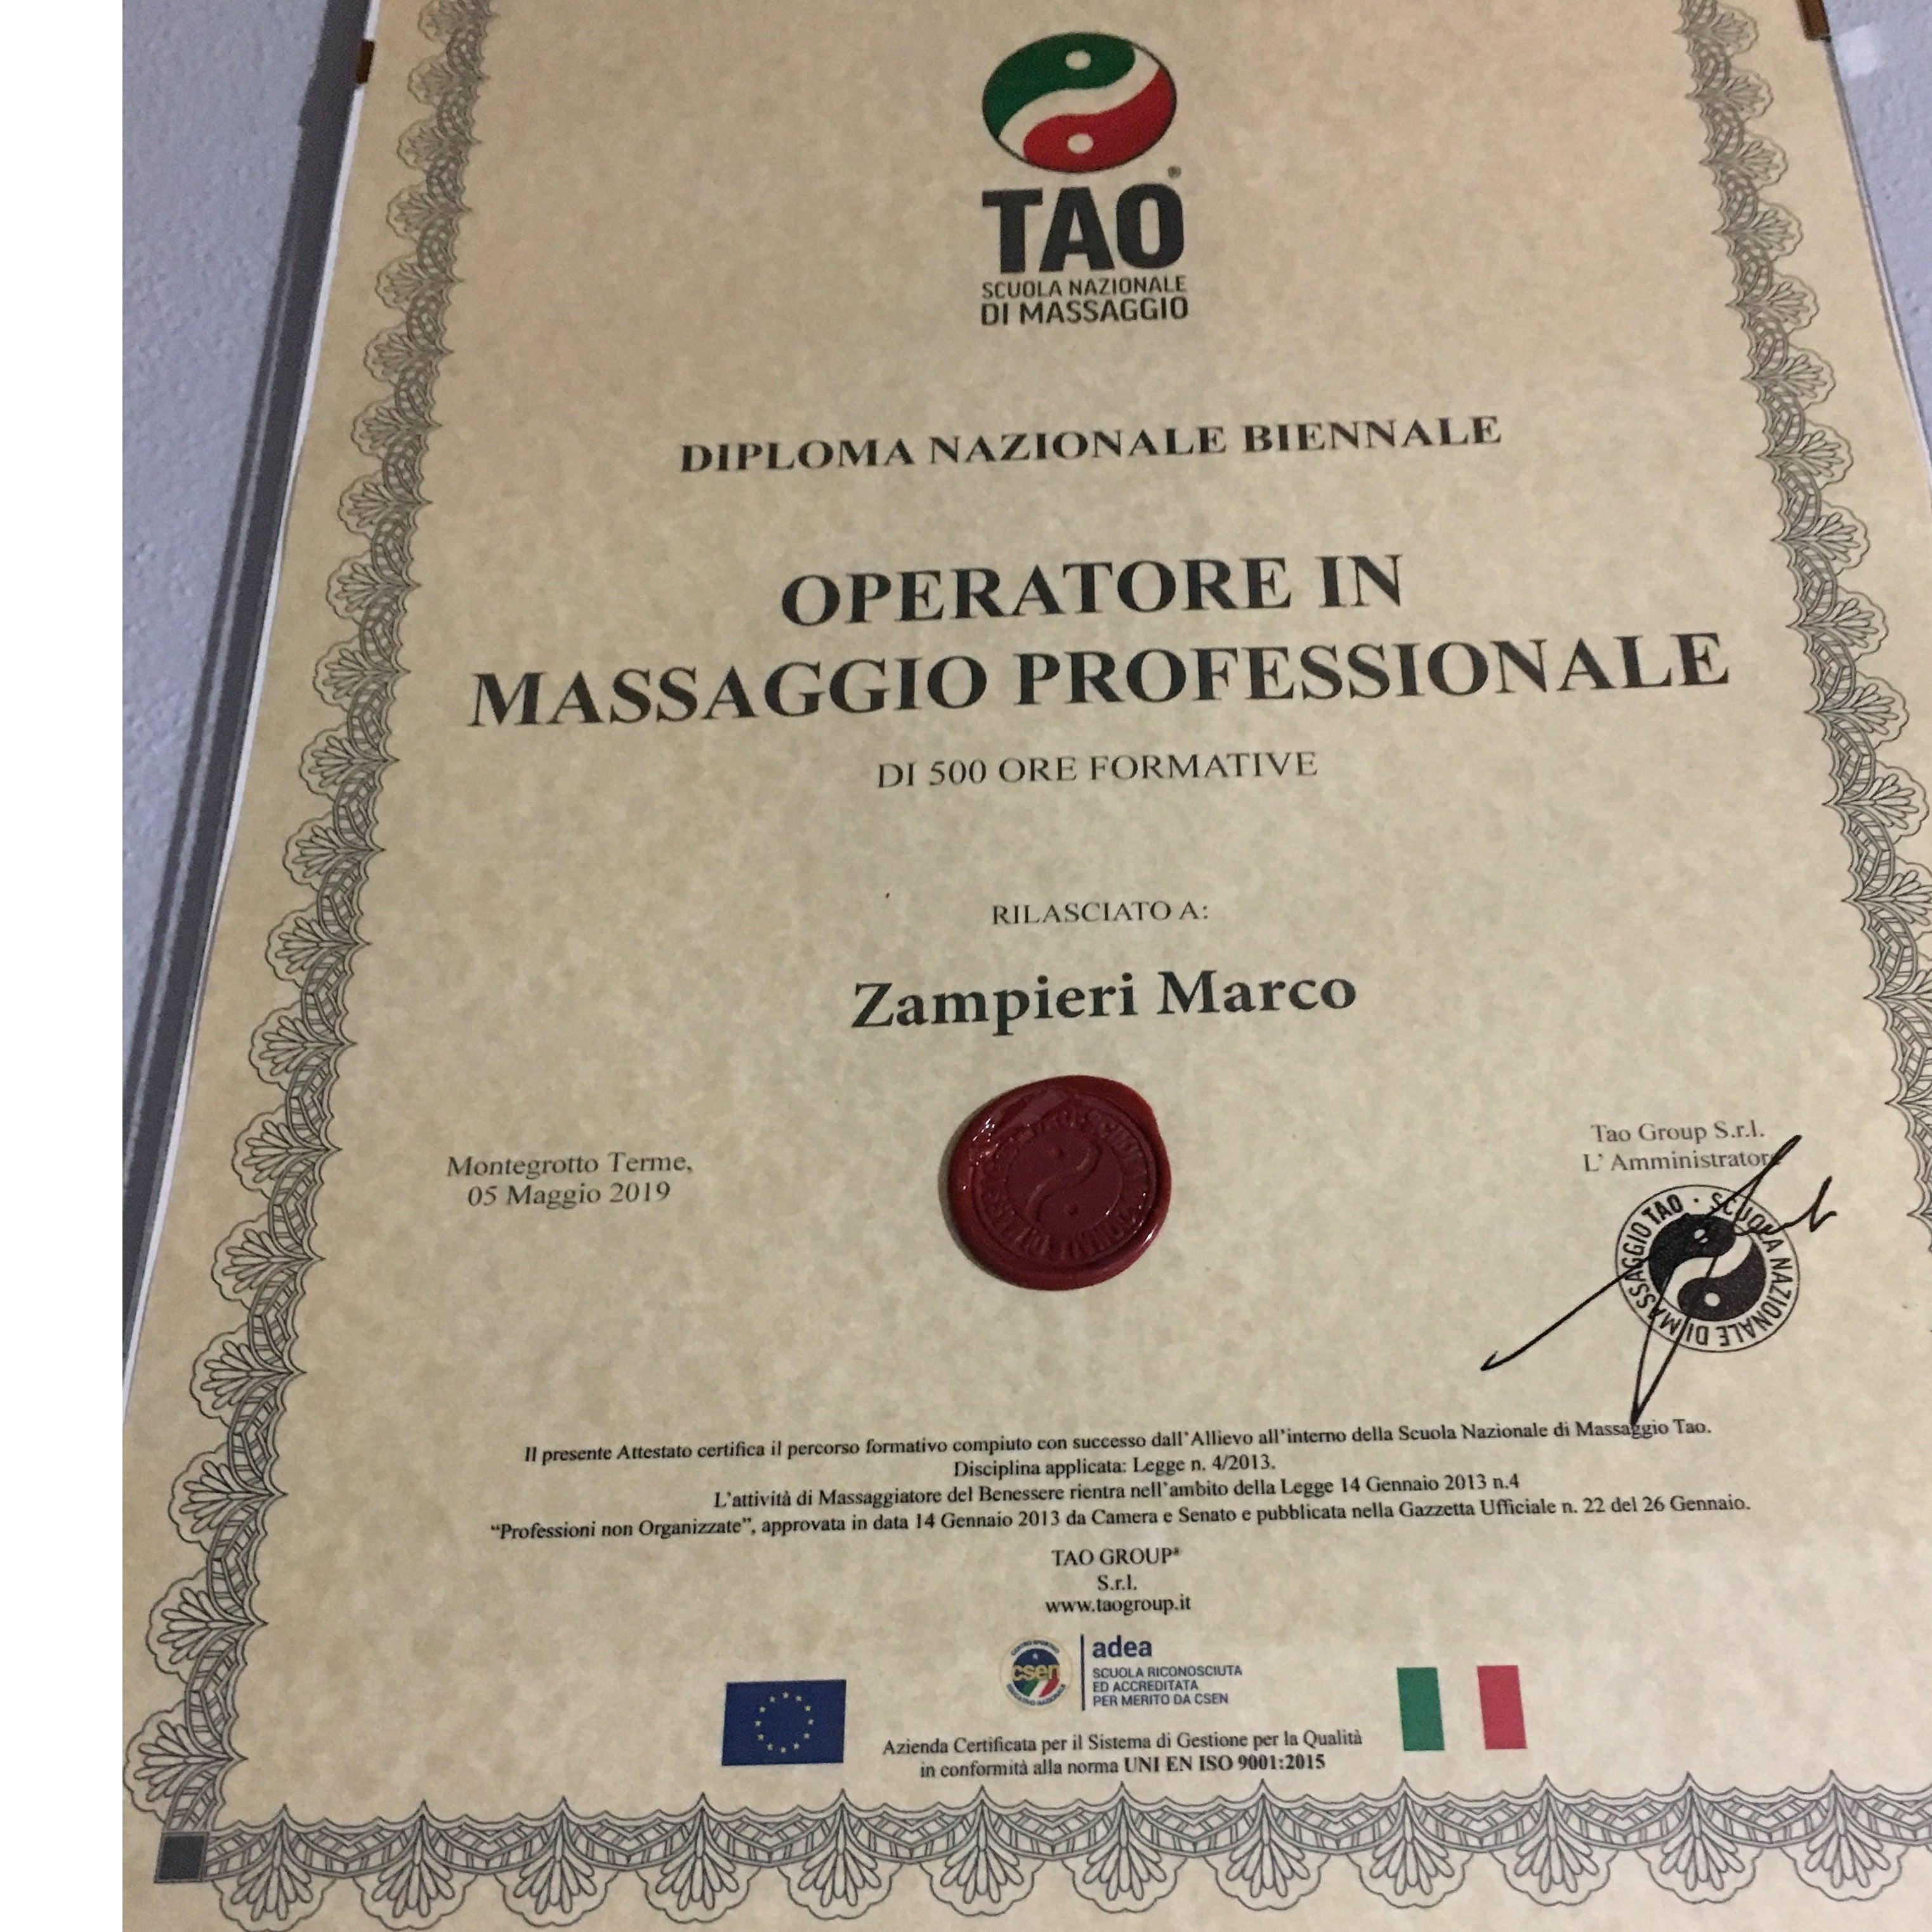 Studio Massaggio Shiro Su Lettino Con Materasso Ad Acqua Calda.I Migliori 31 Massaggiatori A Villafranca Di Verona Con